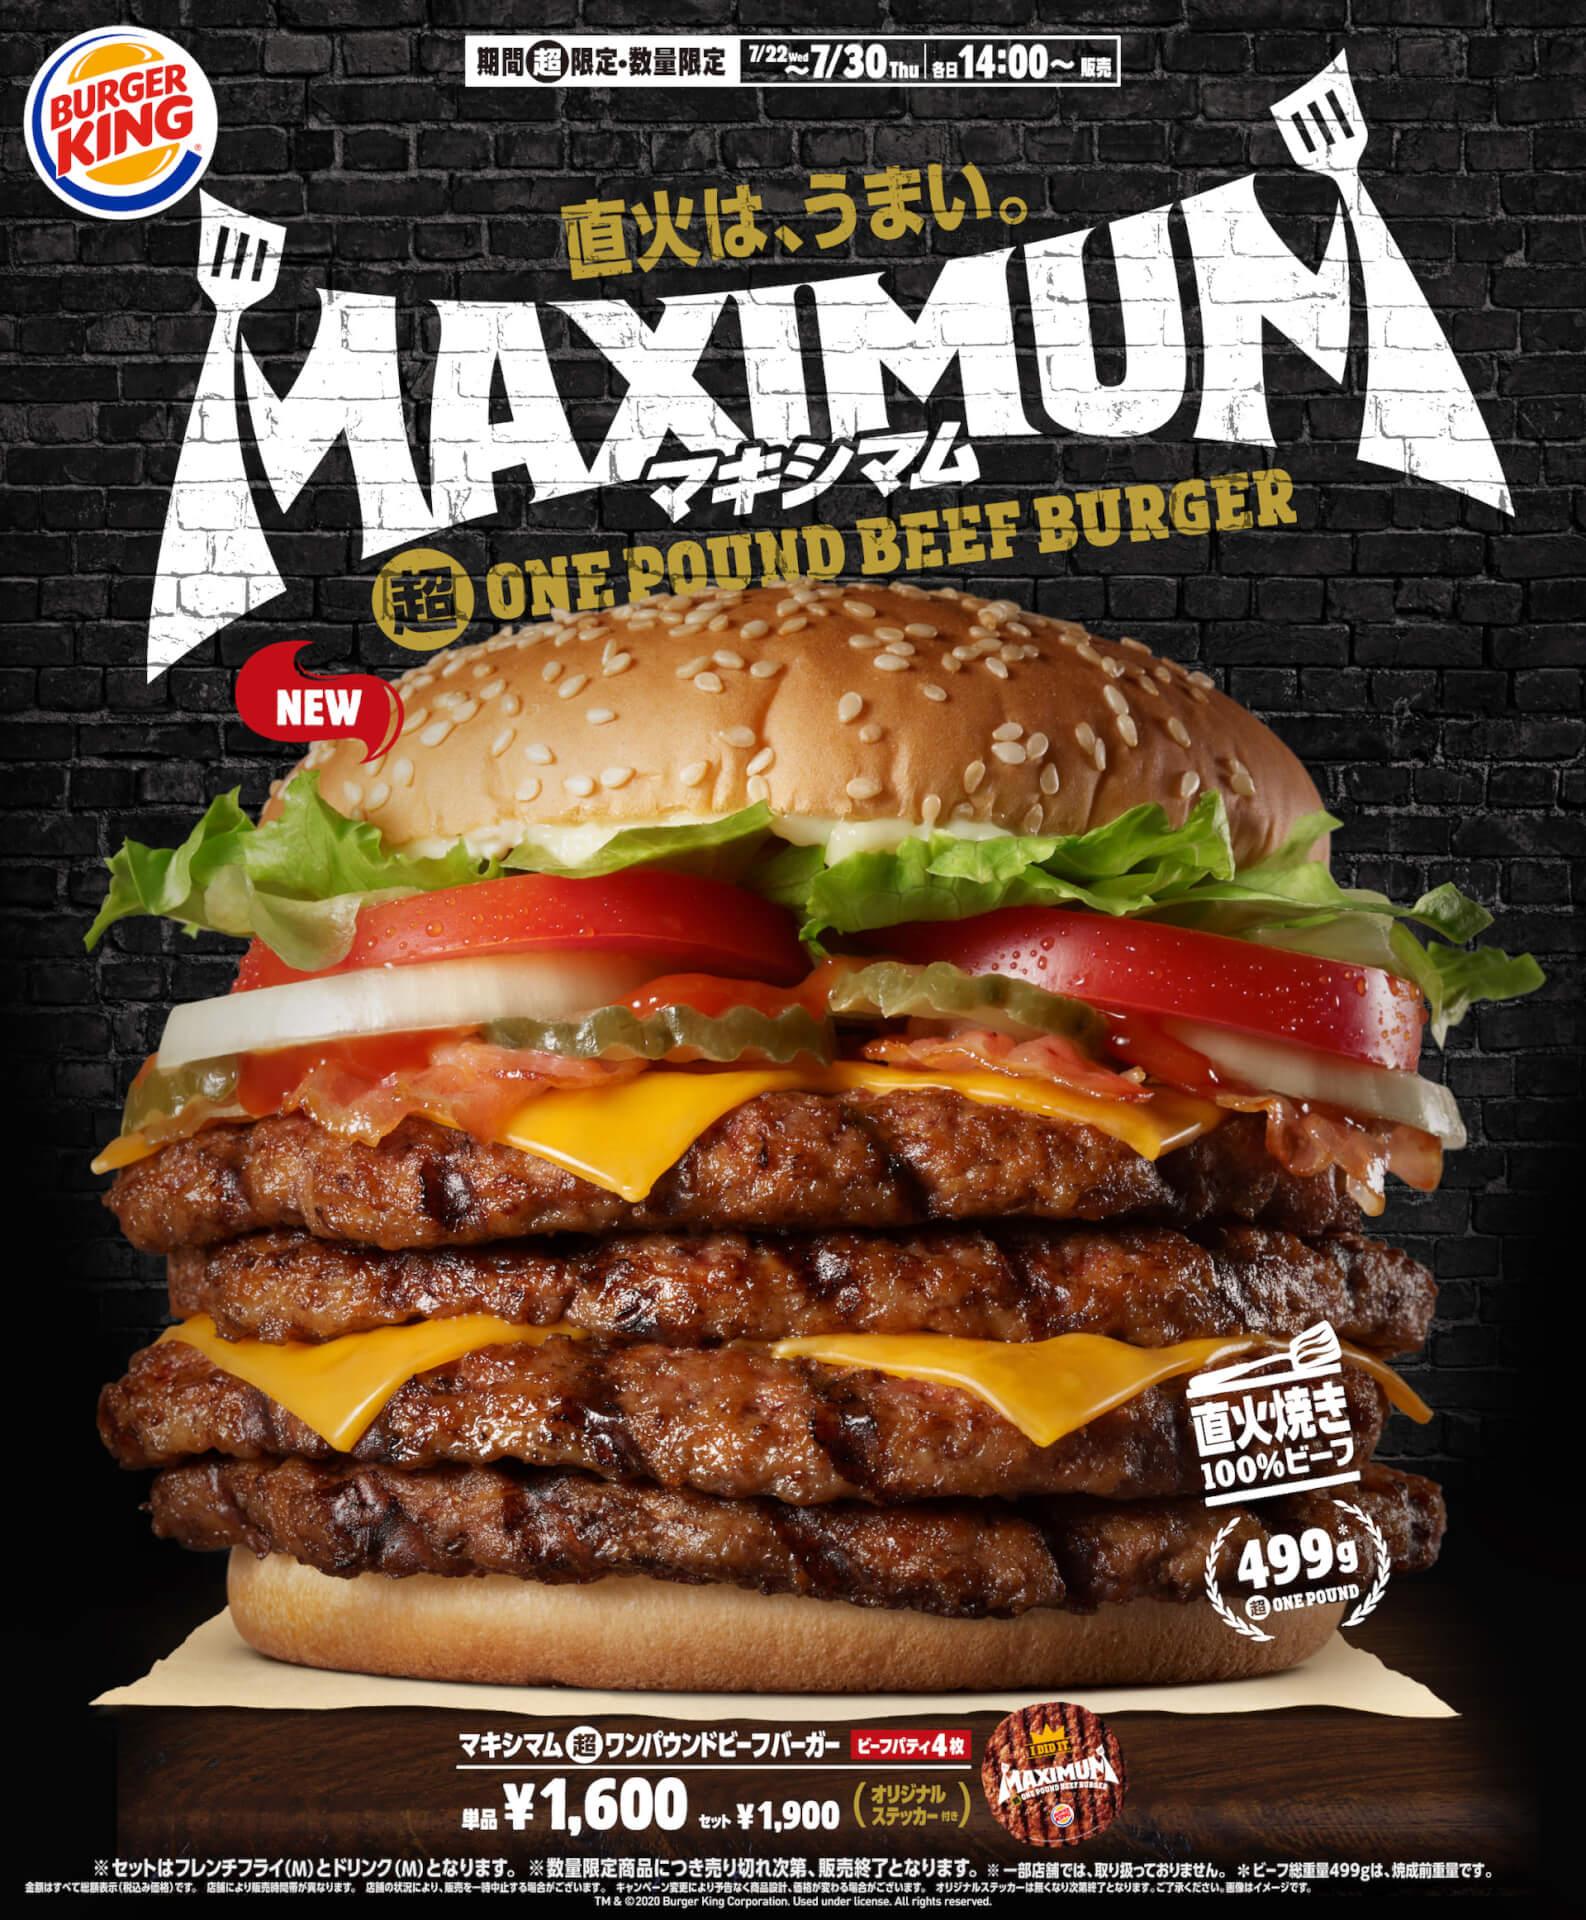 バーガーキングの人気シリーズ・ワンパウンドビーフバーガーが超パワーアップ!総重量607gの『マキシマム超ワンパウンドビーフバーガー』が数量限定発売 gourmet200721_burgerking_6